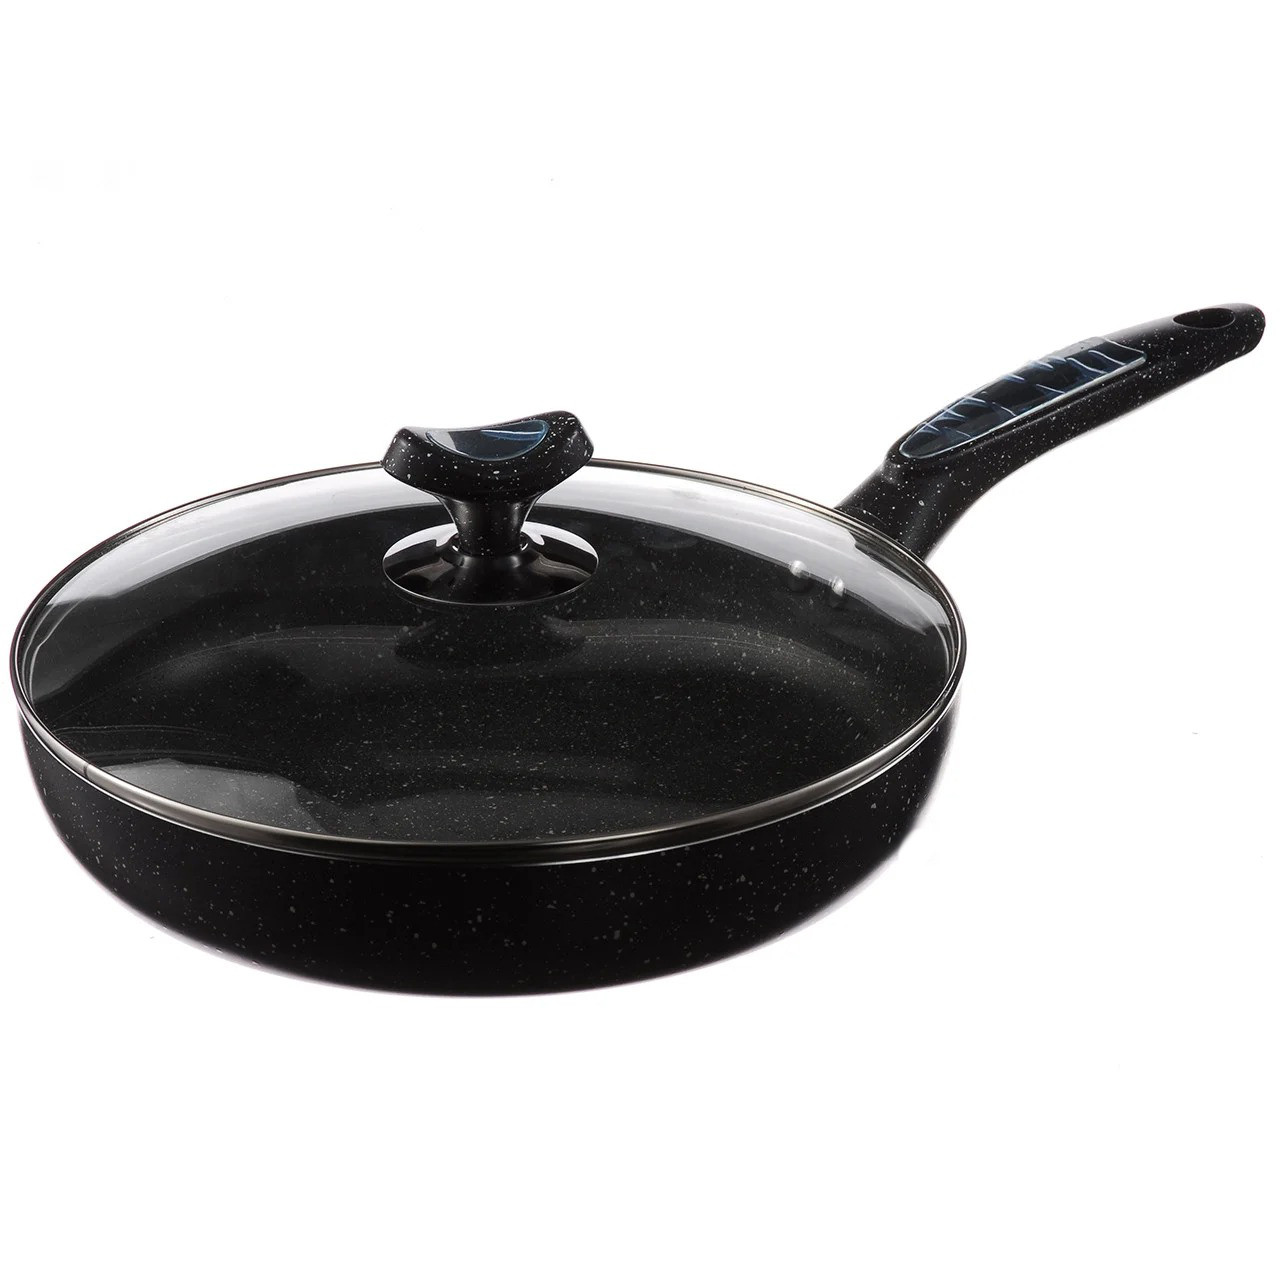 Сковорода с крышкой A-PLUS 26 см сковородка мраморное покрытие